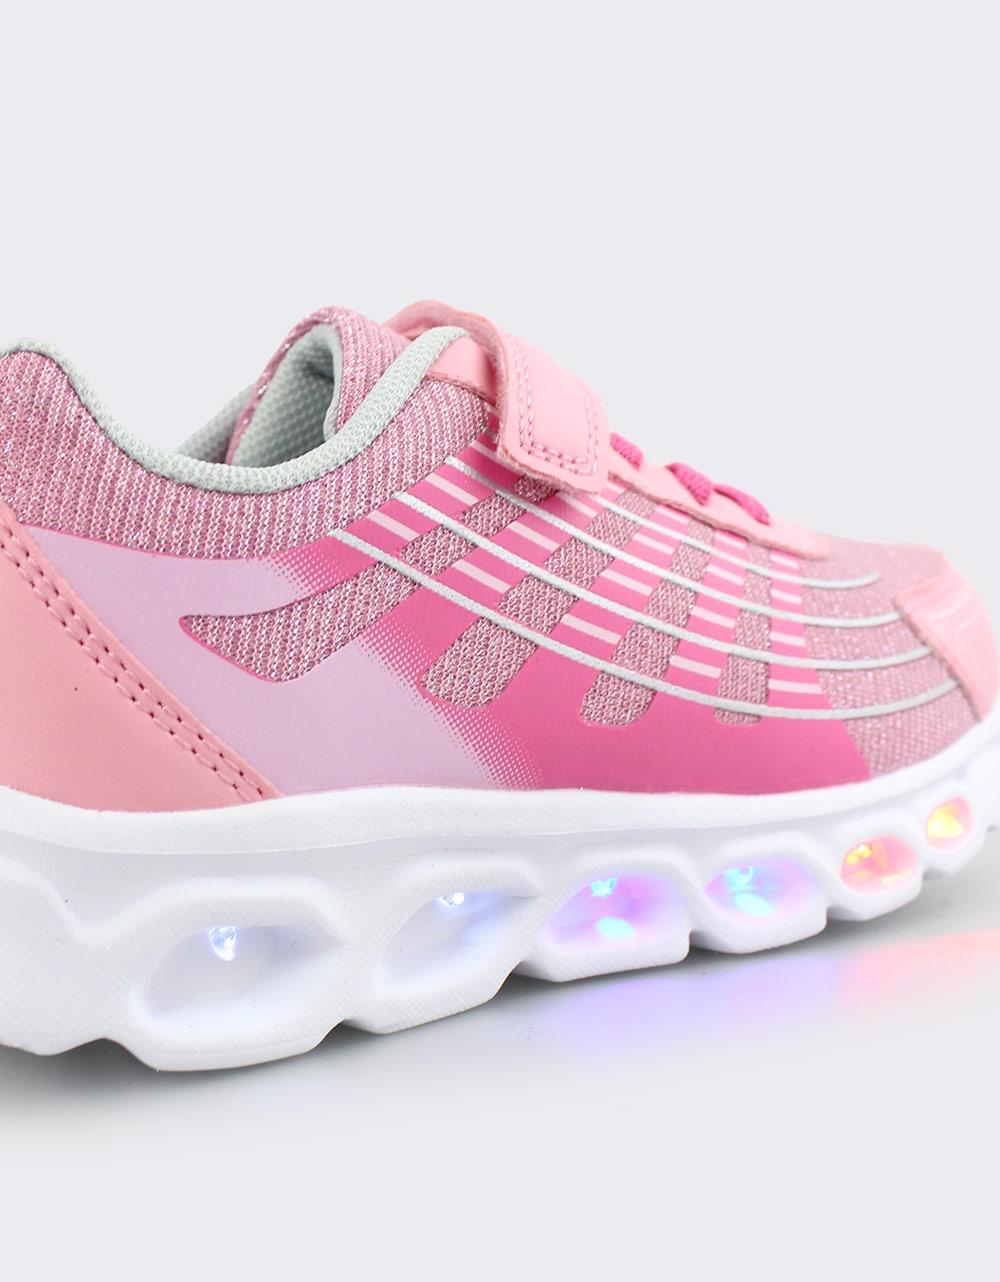 Εικόνα από Παιδικά αθλητικά με φωτάκια και glitter Ροζ/Φούξια